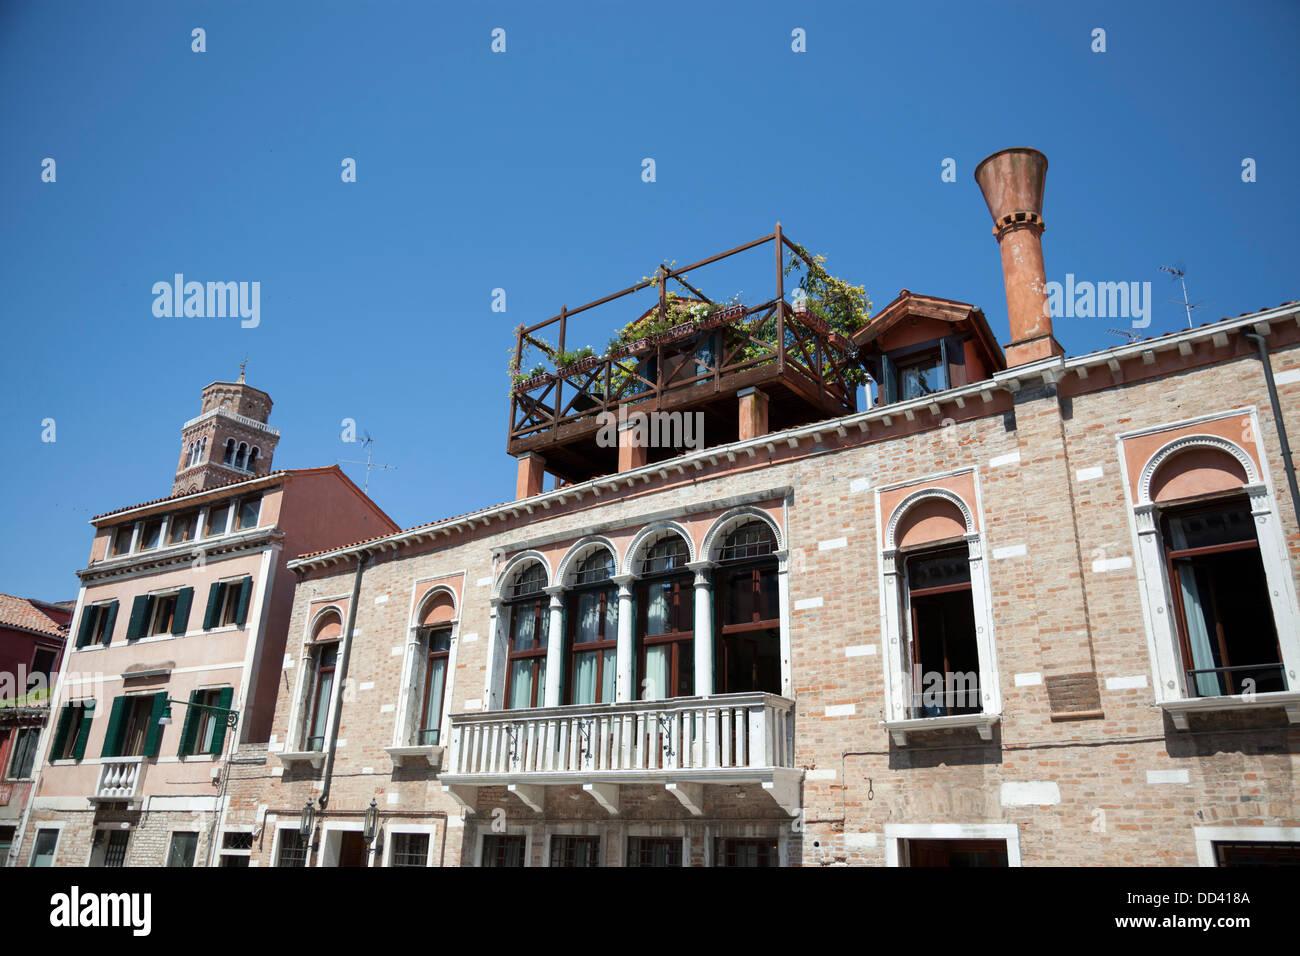 In Venedig, Ein Schönes Beispiel Für Eine Altana Oder Eine Holzterrasse Auf  Dach Gebaut. Ein Venise, Un Bel Exemple Du0027altana Ou Terrasse De Bois.